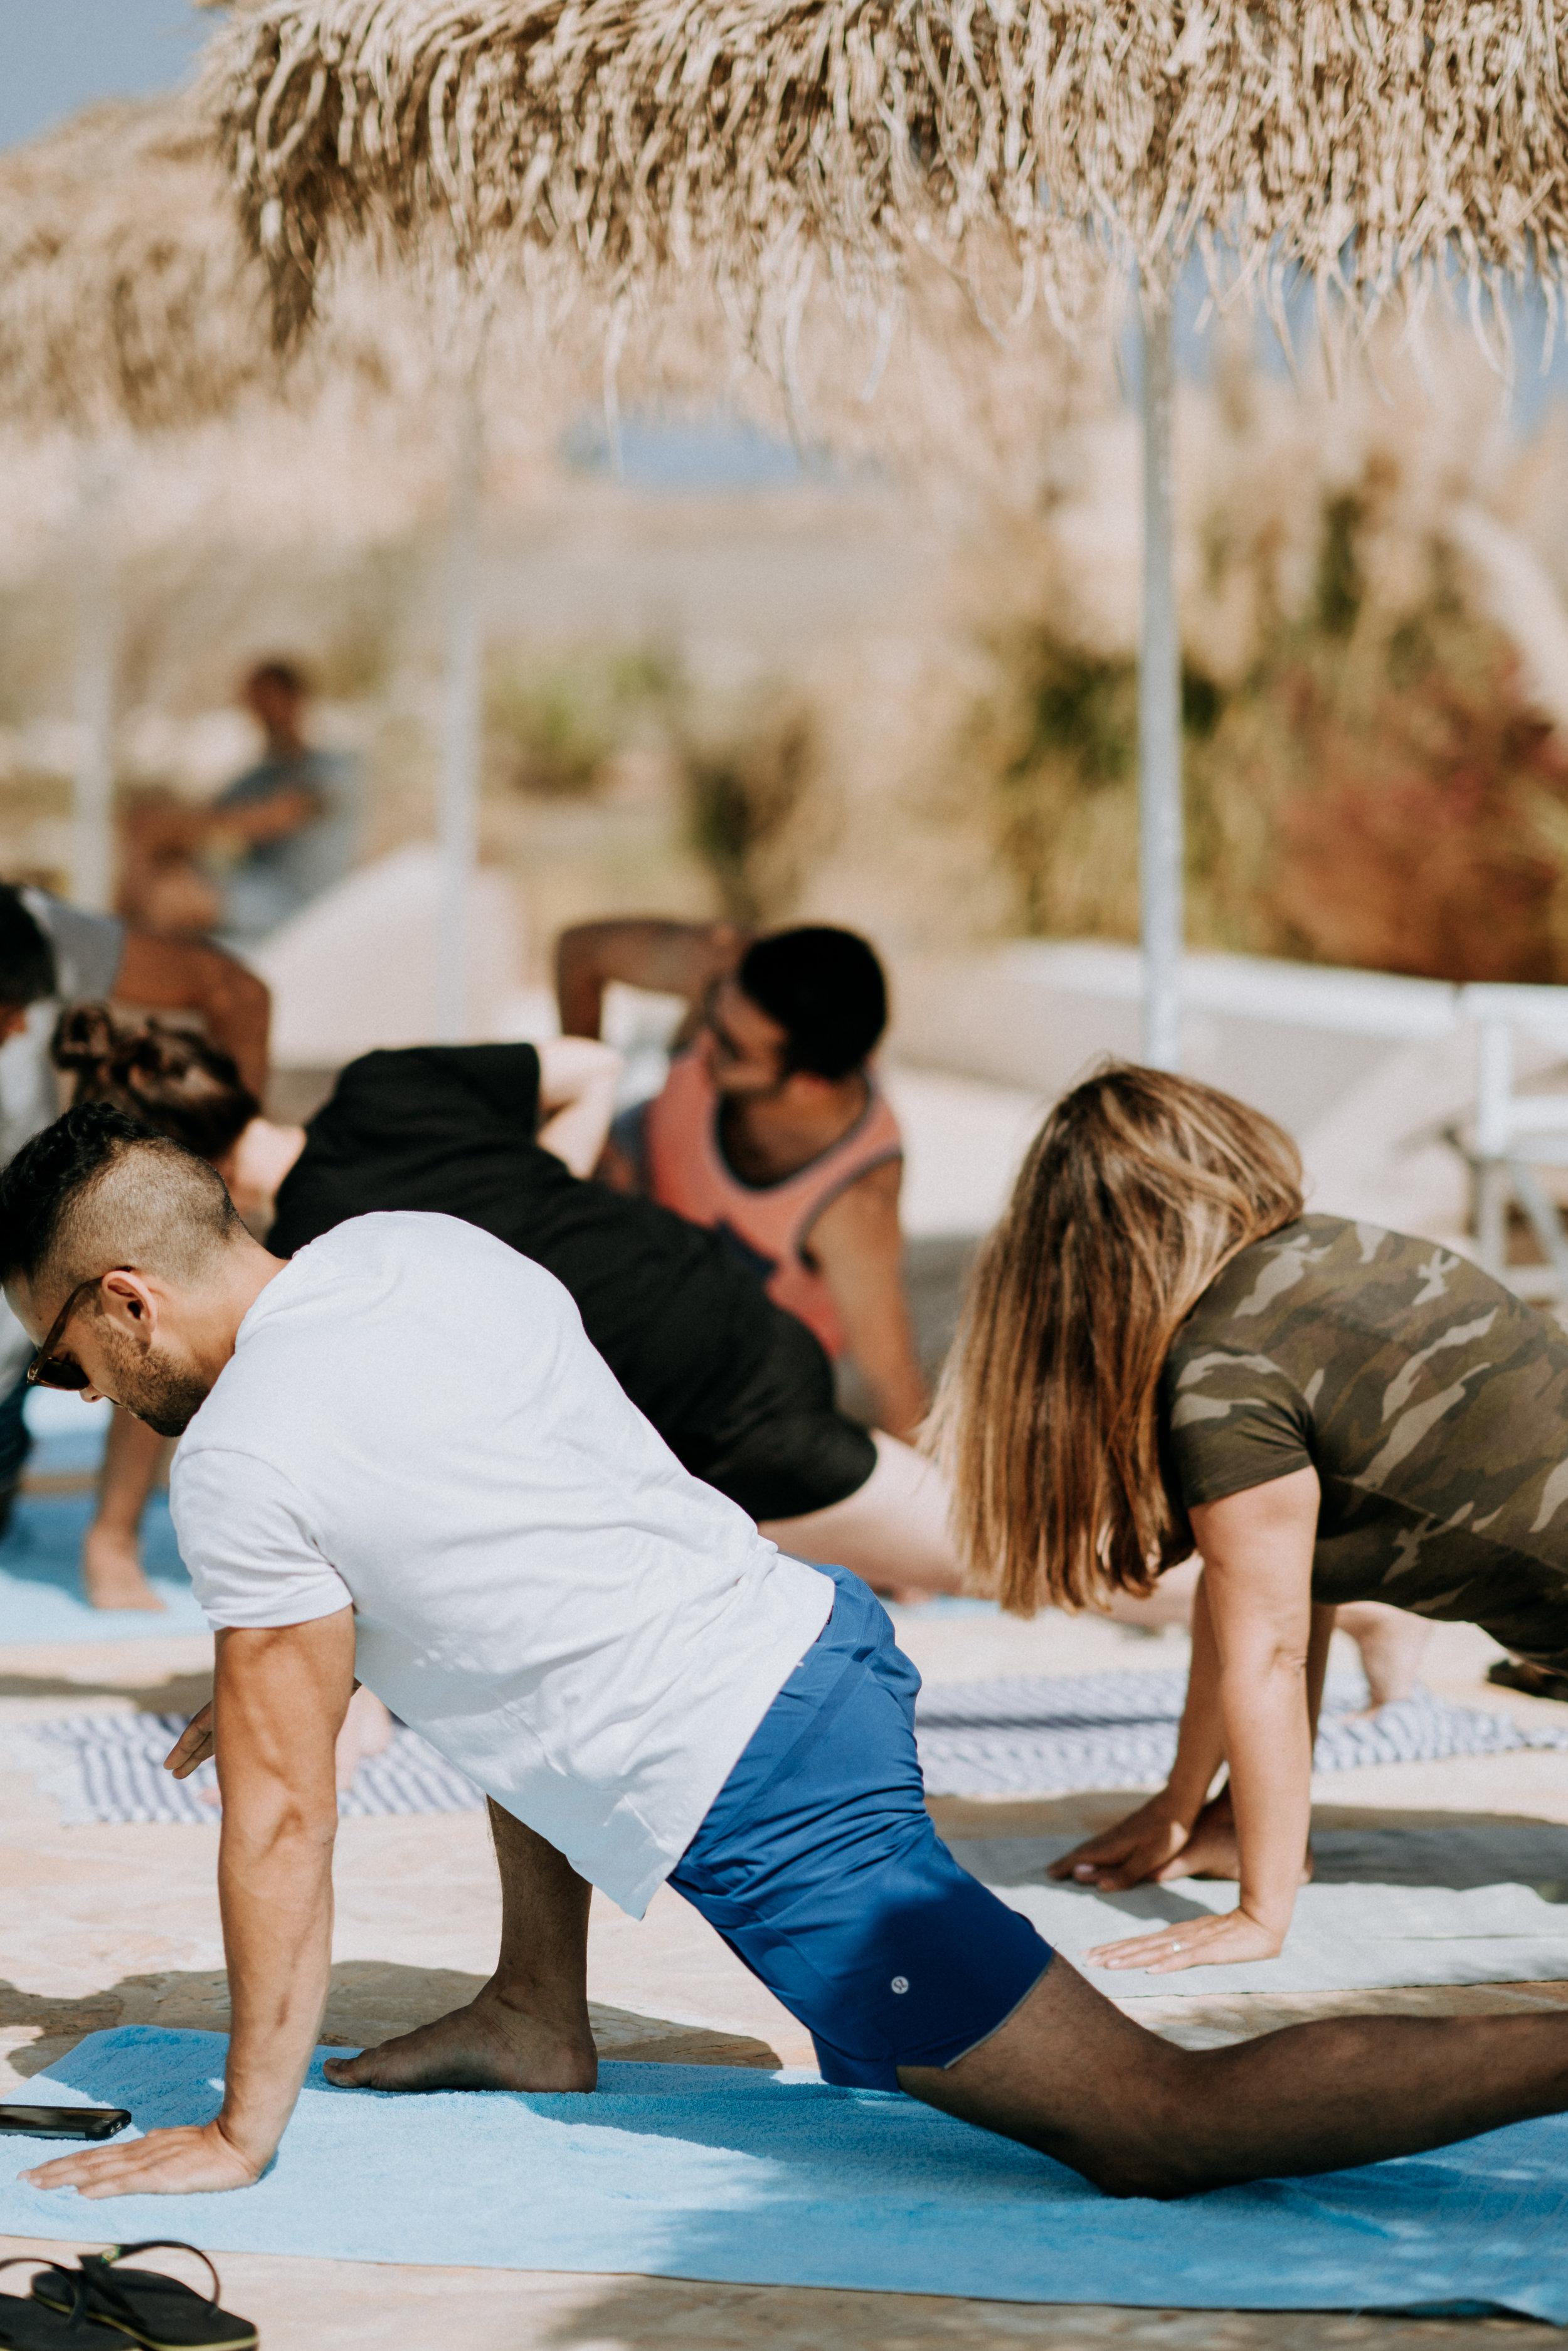 Ponte en forma y relájate - Alrededor de la ciudad de Miami encontrarás parques con actividades diarias gratuitas para relajarte y ejercitarte. Desde clases de yoga hasta boot camps, aquí podrás añadir un poco de ejercicios y relajación a tu viaje sin pagar un solo centavo. Las clases son diarias en los parques de Gratigny Plateau Park, Gwen Cherry Park, Tropical Park, North Trail Park, South Dade Park, y Live Like Bella Park. Las clases de yoga las puedes tomar lunes, miércoles y sábados en Bayfront Park y los sábados en Kennedy Park; miércoles y sábado en Margaret Pace Park.